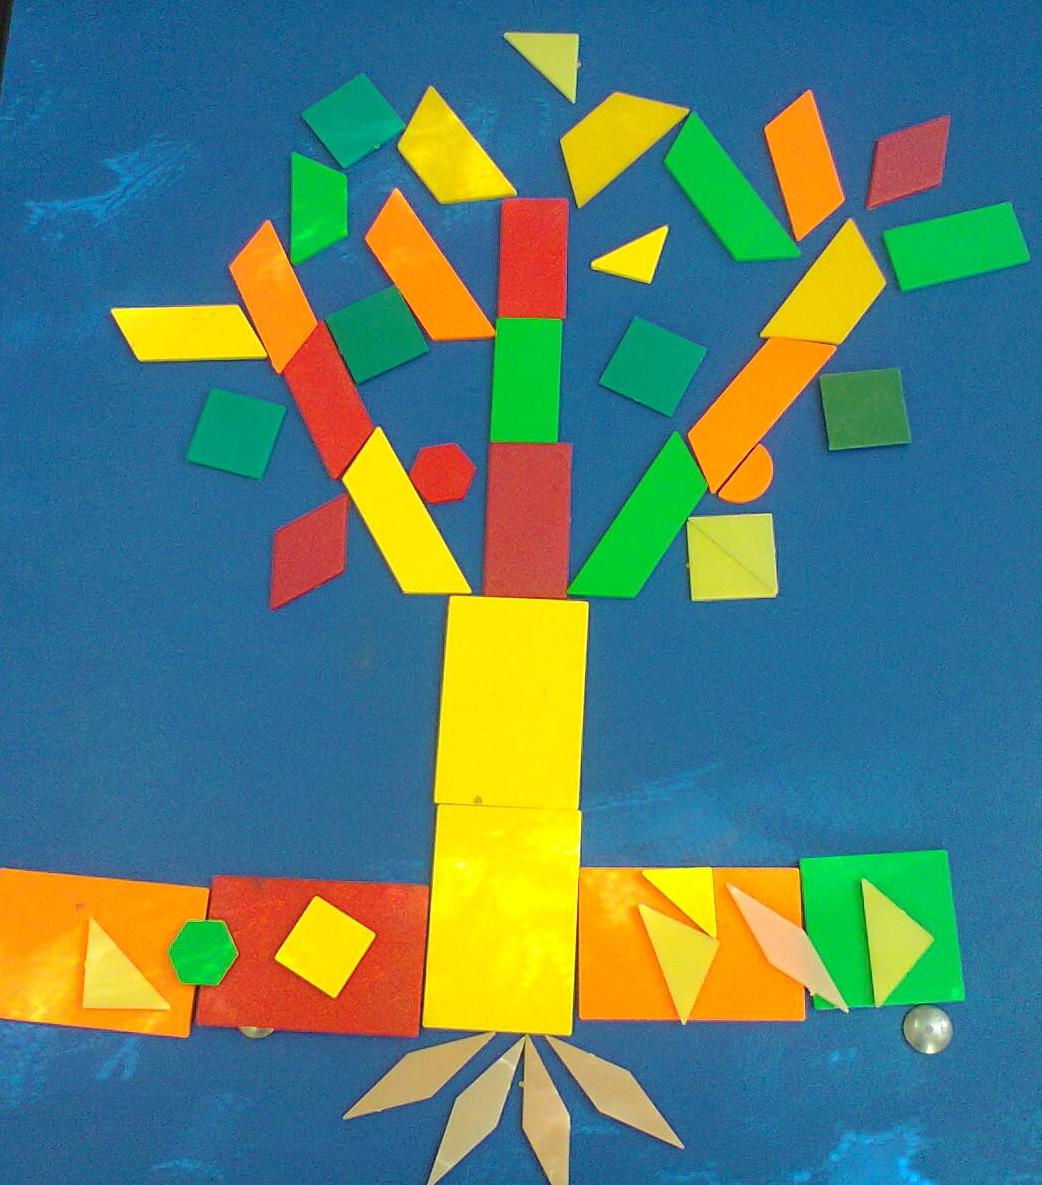 copac de toamna figuri geometrie